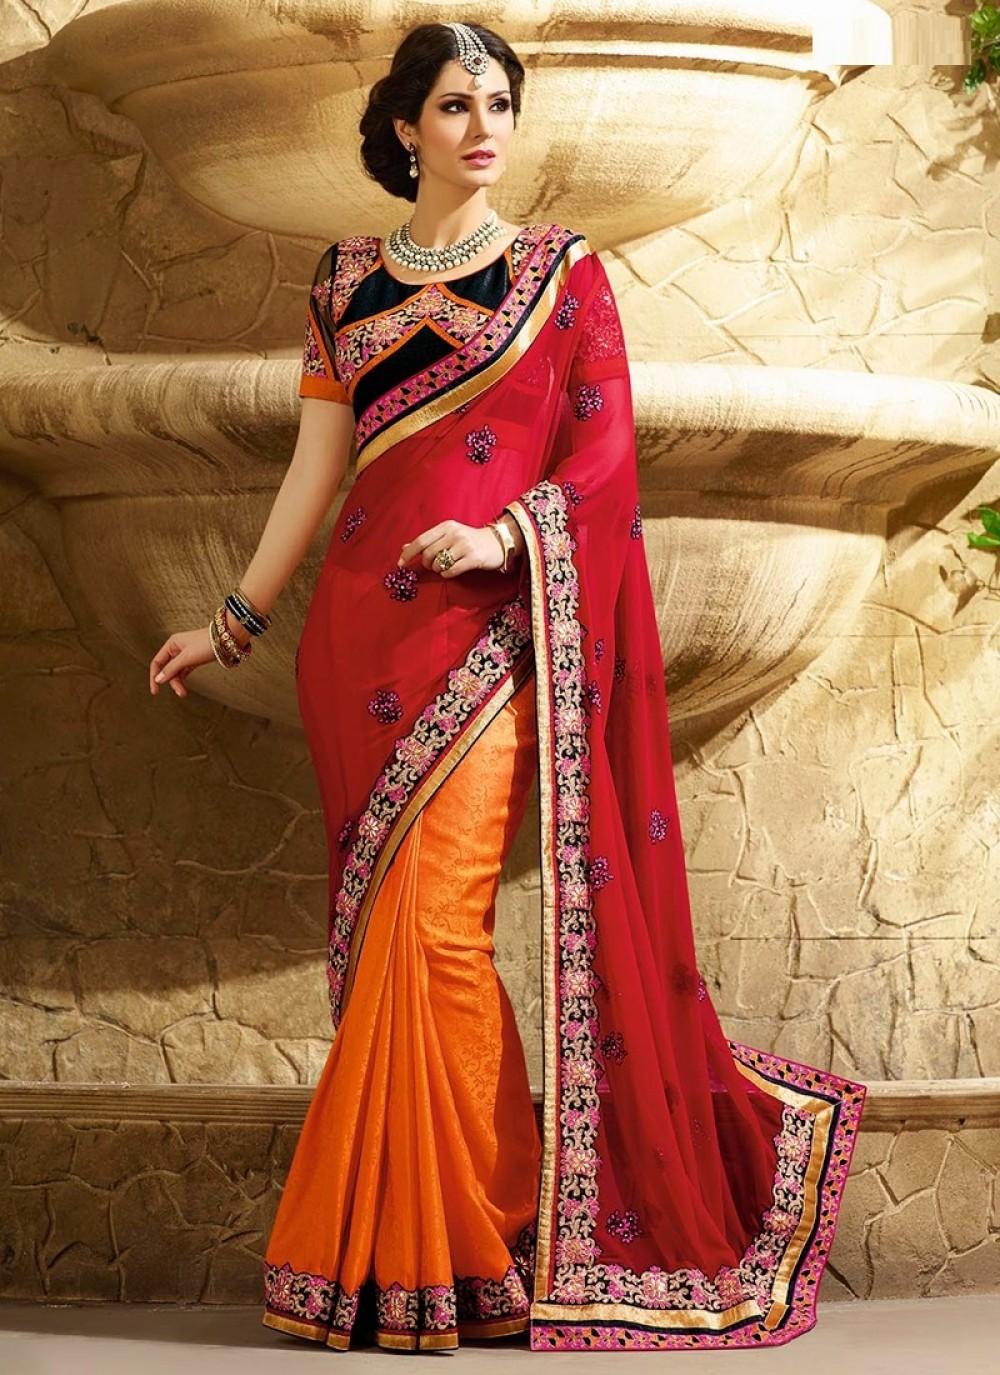 57e75fd686d6f من الساري إلى الدرندل والقفطان.. أشهر الأزياء التقليدية للنساء حول ...